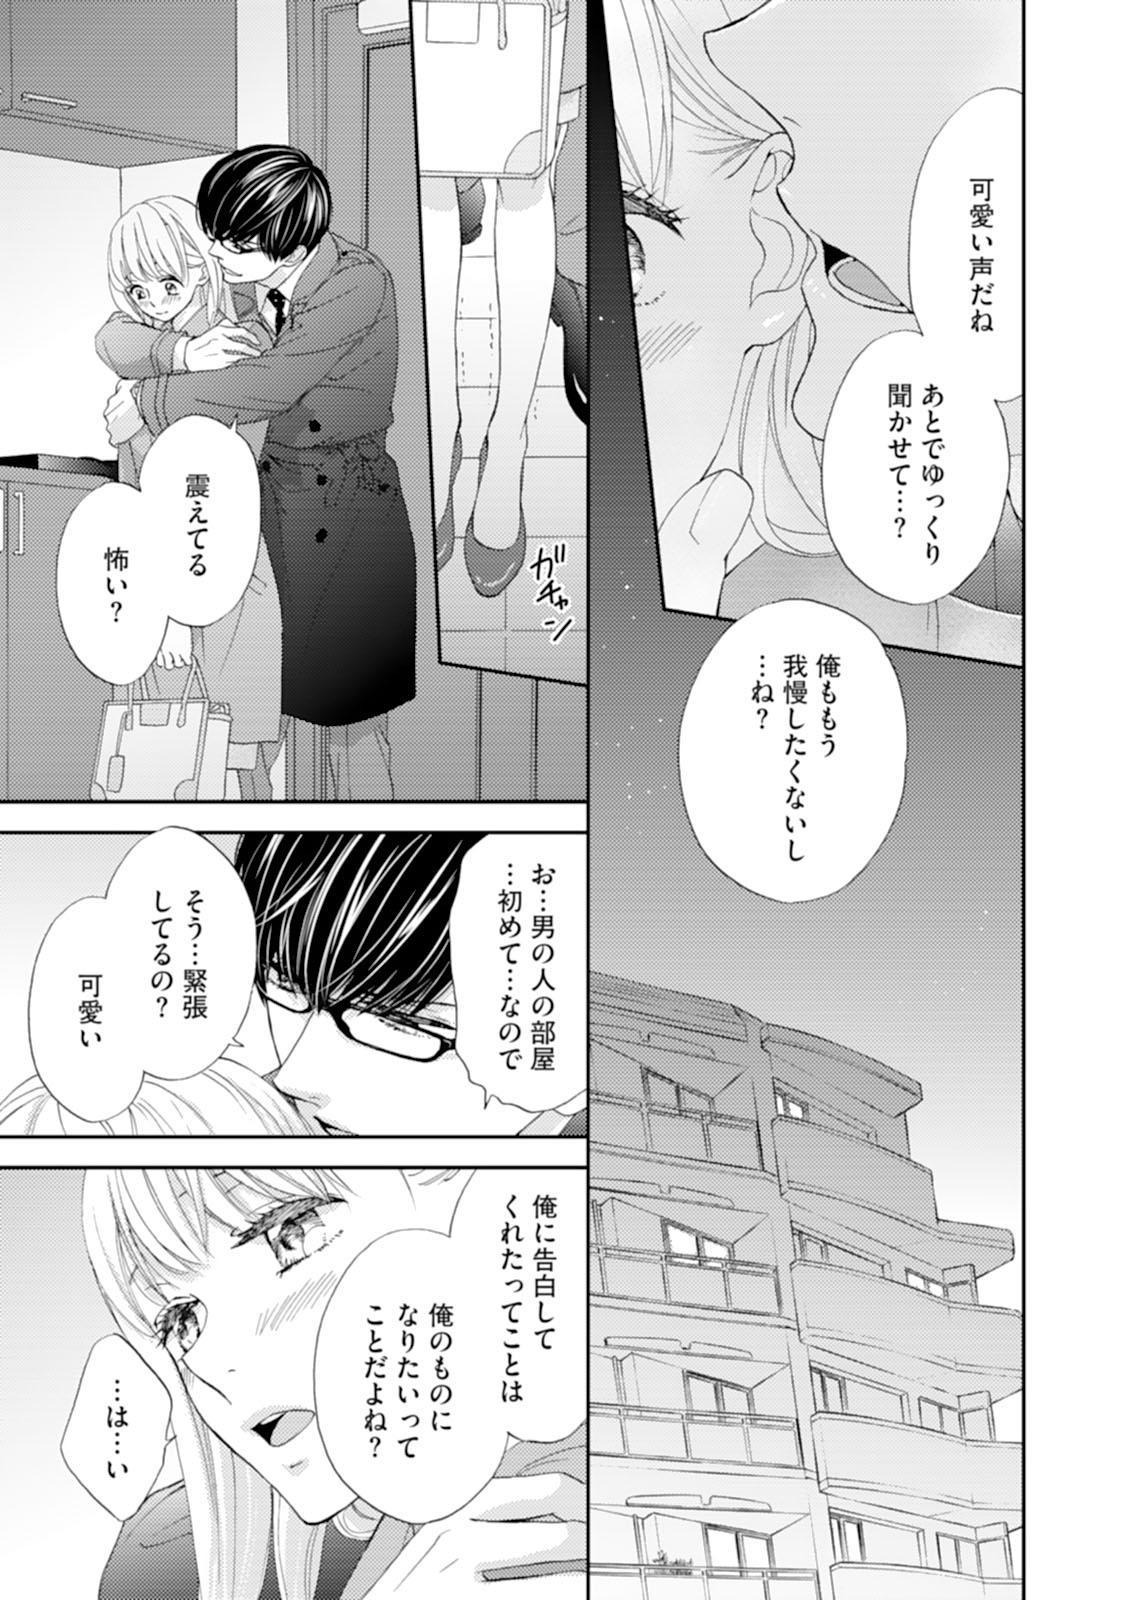 [Adumi Yuu] Choukyou-kei Danshi Ookami-sama to Koneko-chan Ch. 1-3 39